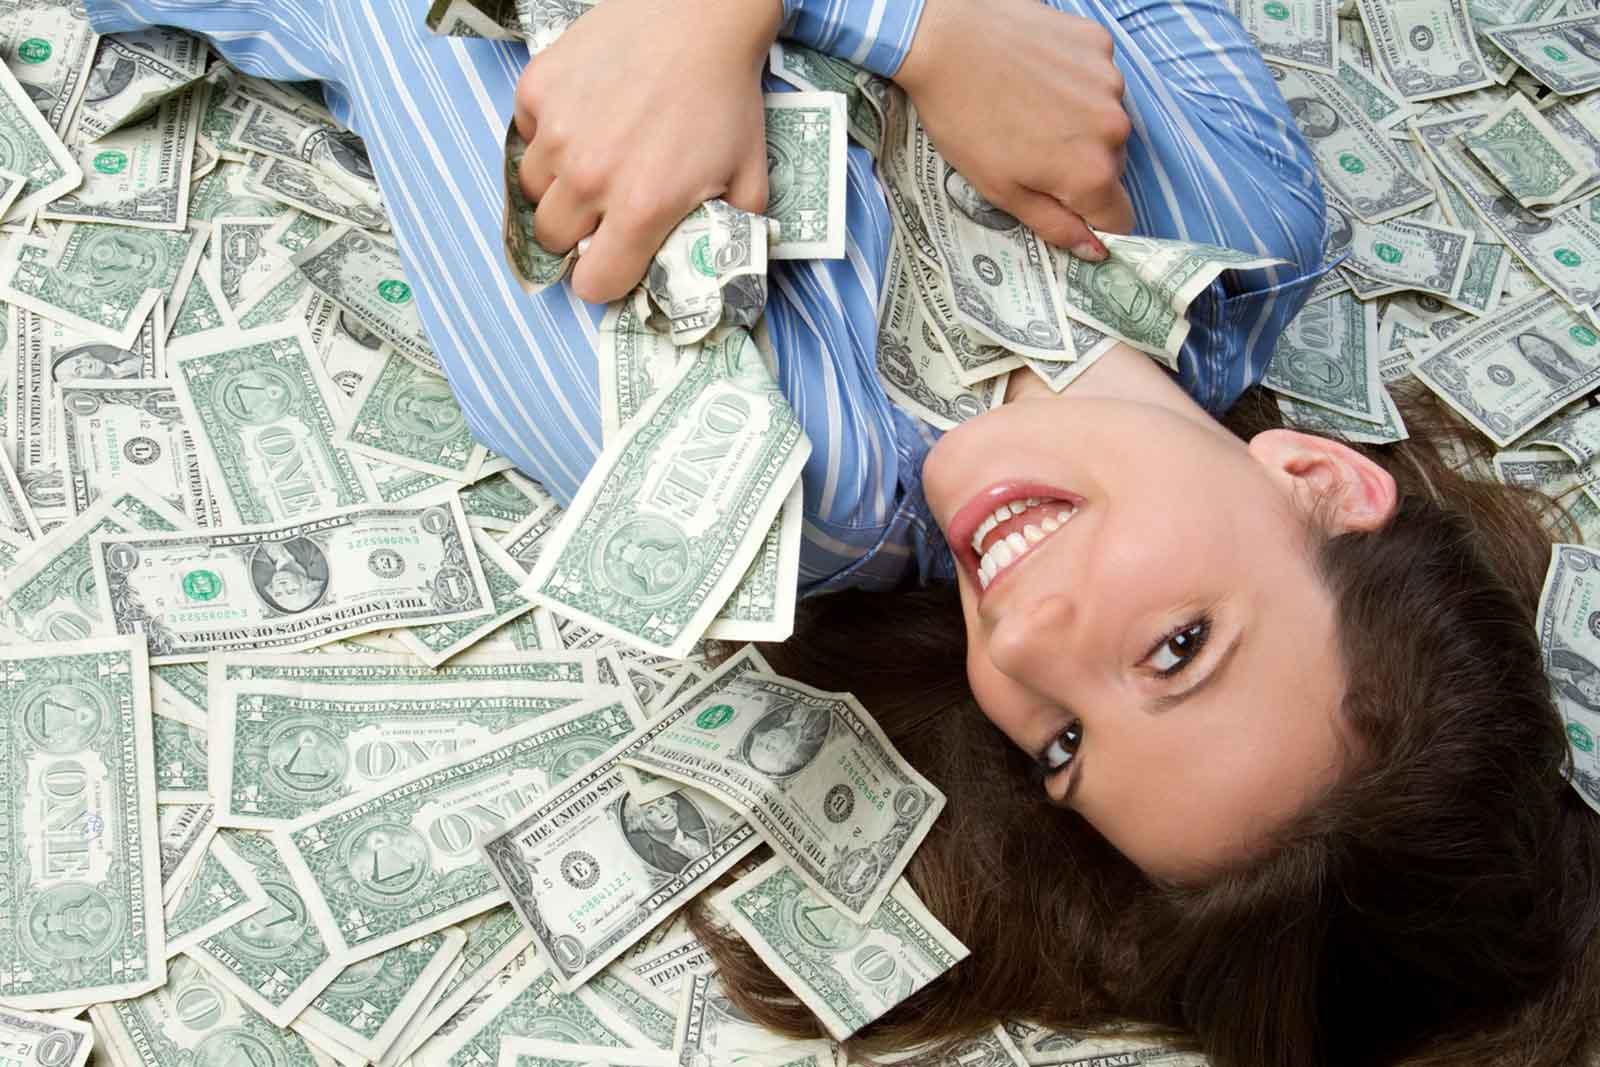 Бесплатный вебинар: Инвестиции с доходностью до 18% годовых